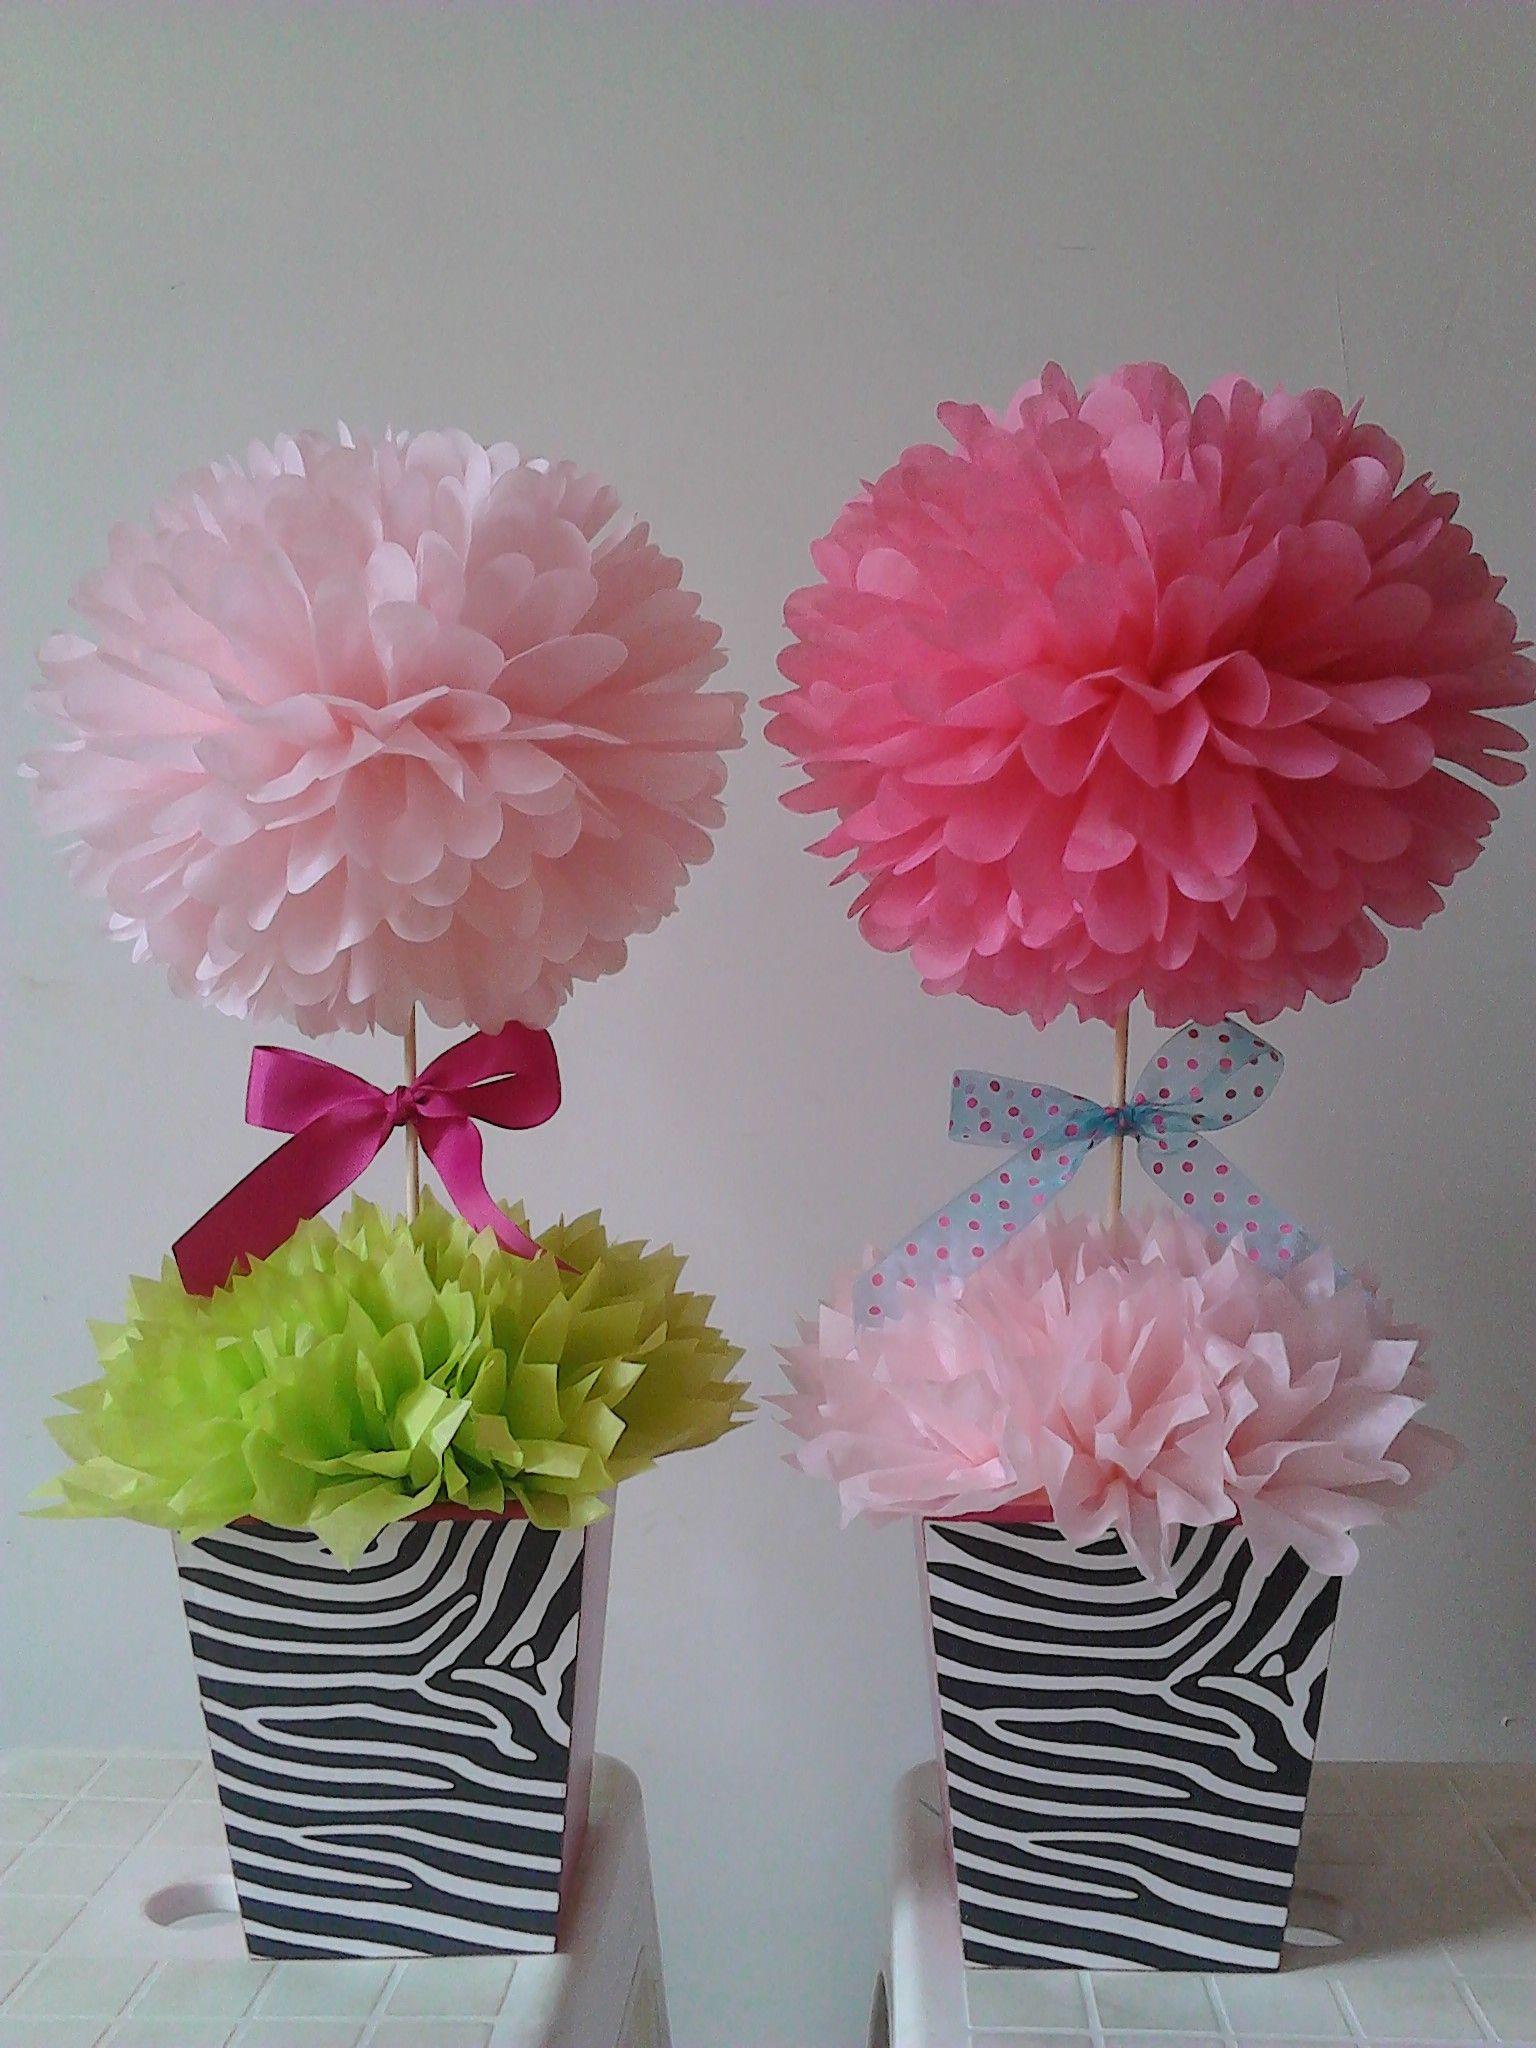 Festivales Azul Baby Shower Bodas Ldawy Pompones de Papel de Seda Decoraciones Paquete de 18 Bolas de Flores de Papel para Fiestas de cumplea/ños Despedidas de Soltera